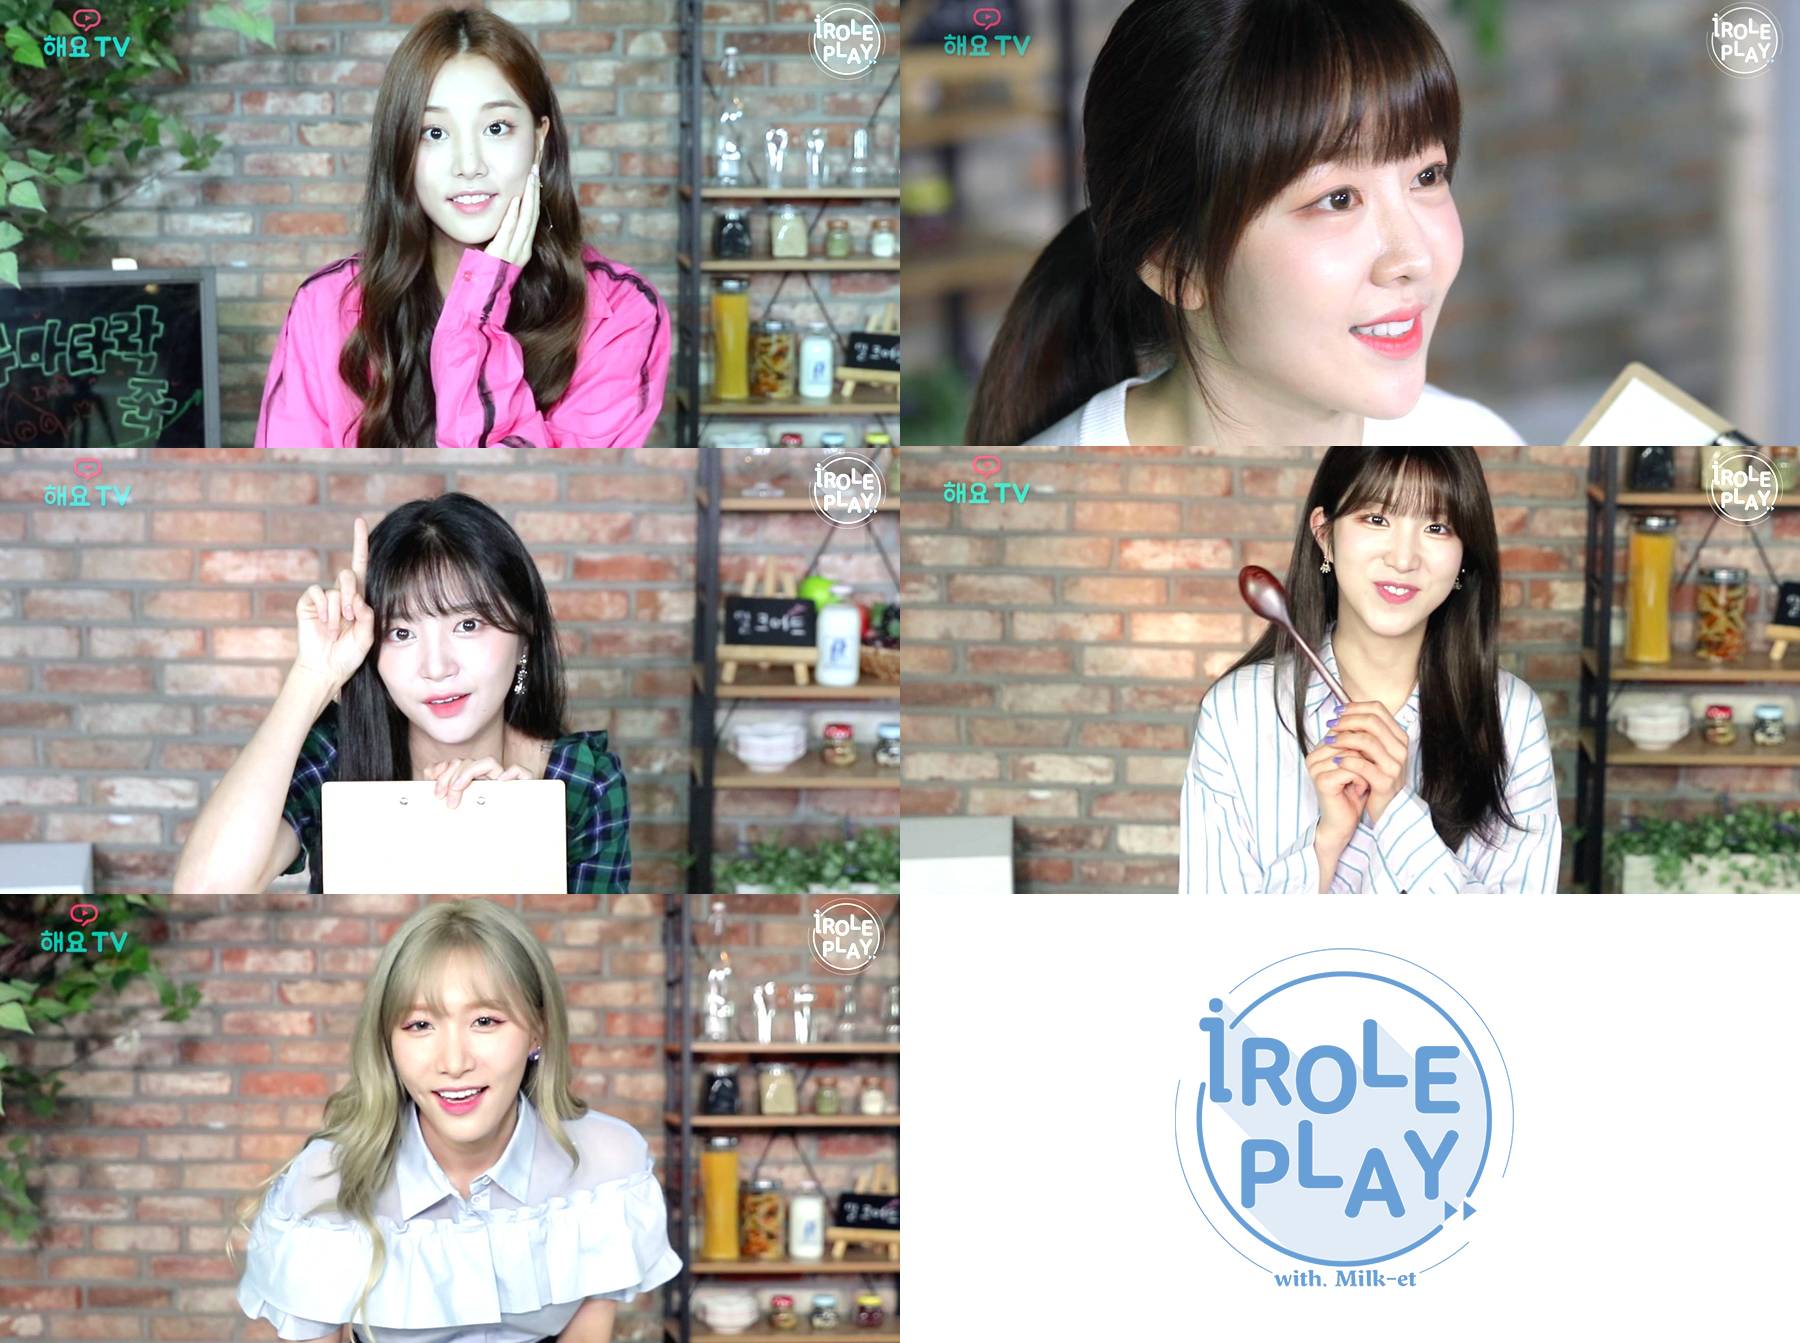 1인칭 웹예능 'I ROLE PLAY' 첫 주인공 '라붐'...22일부터 매일 한 명씩 공개